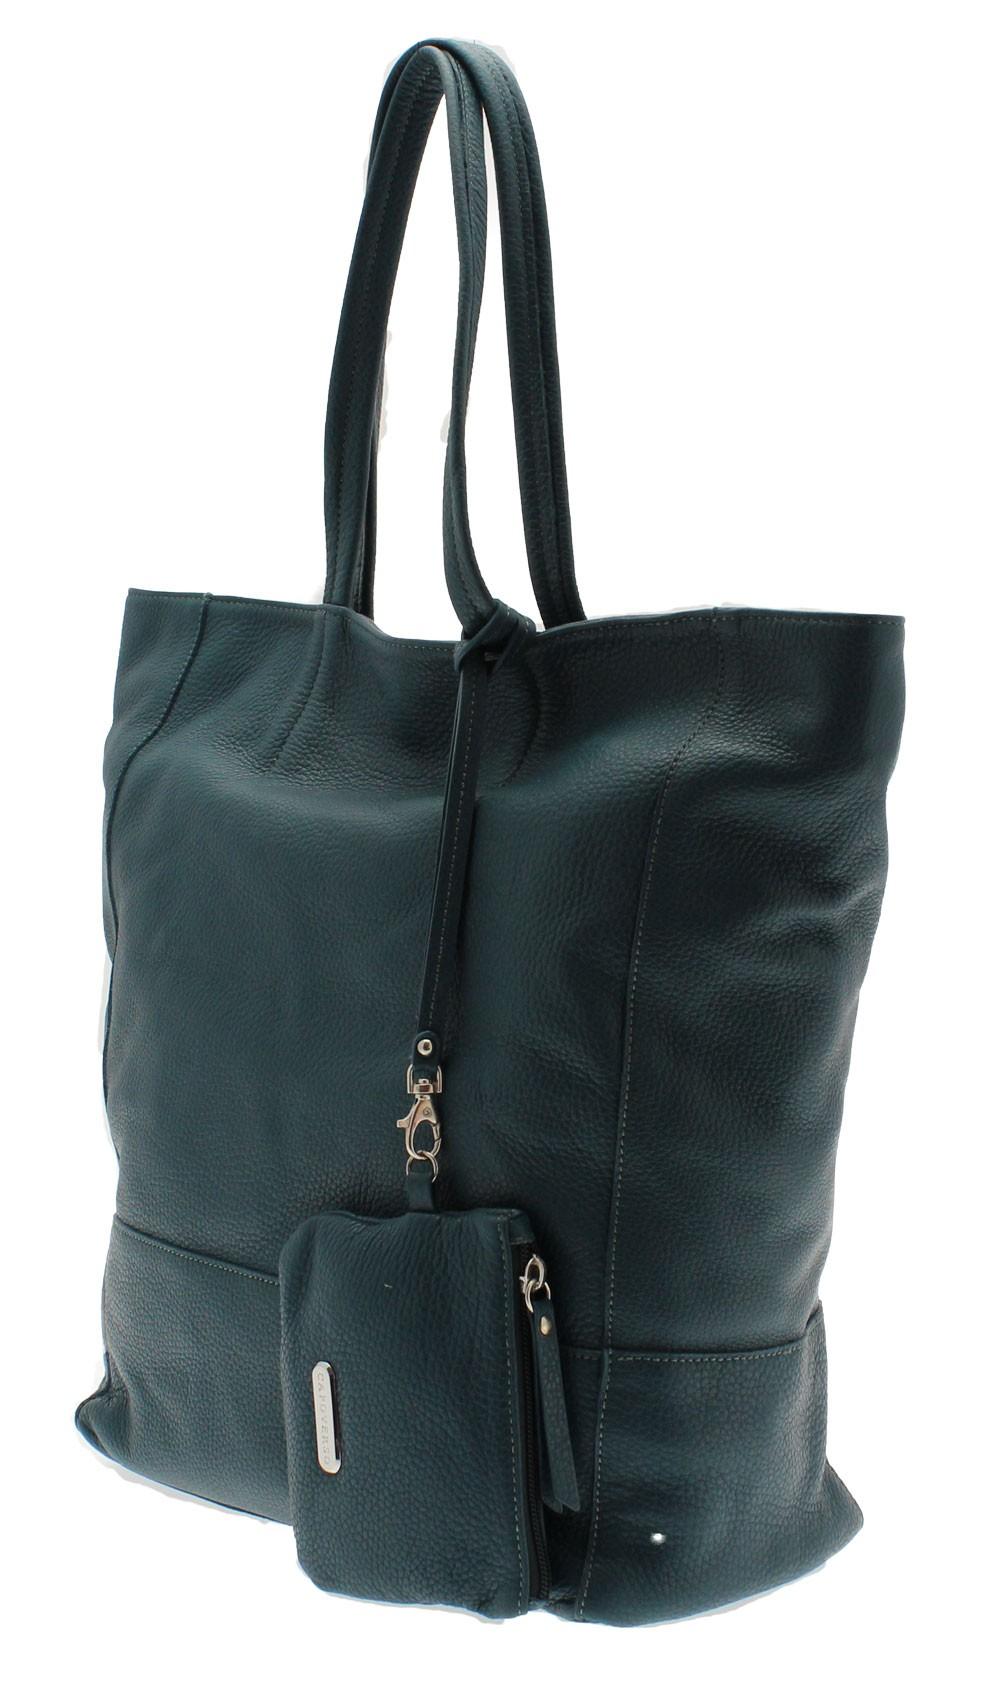 ... CAPOVERSO kabelka z jemné italské kůže modra ... 46ab8d672d0